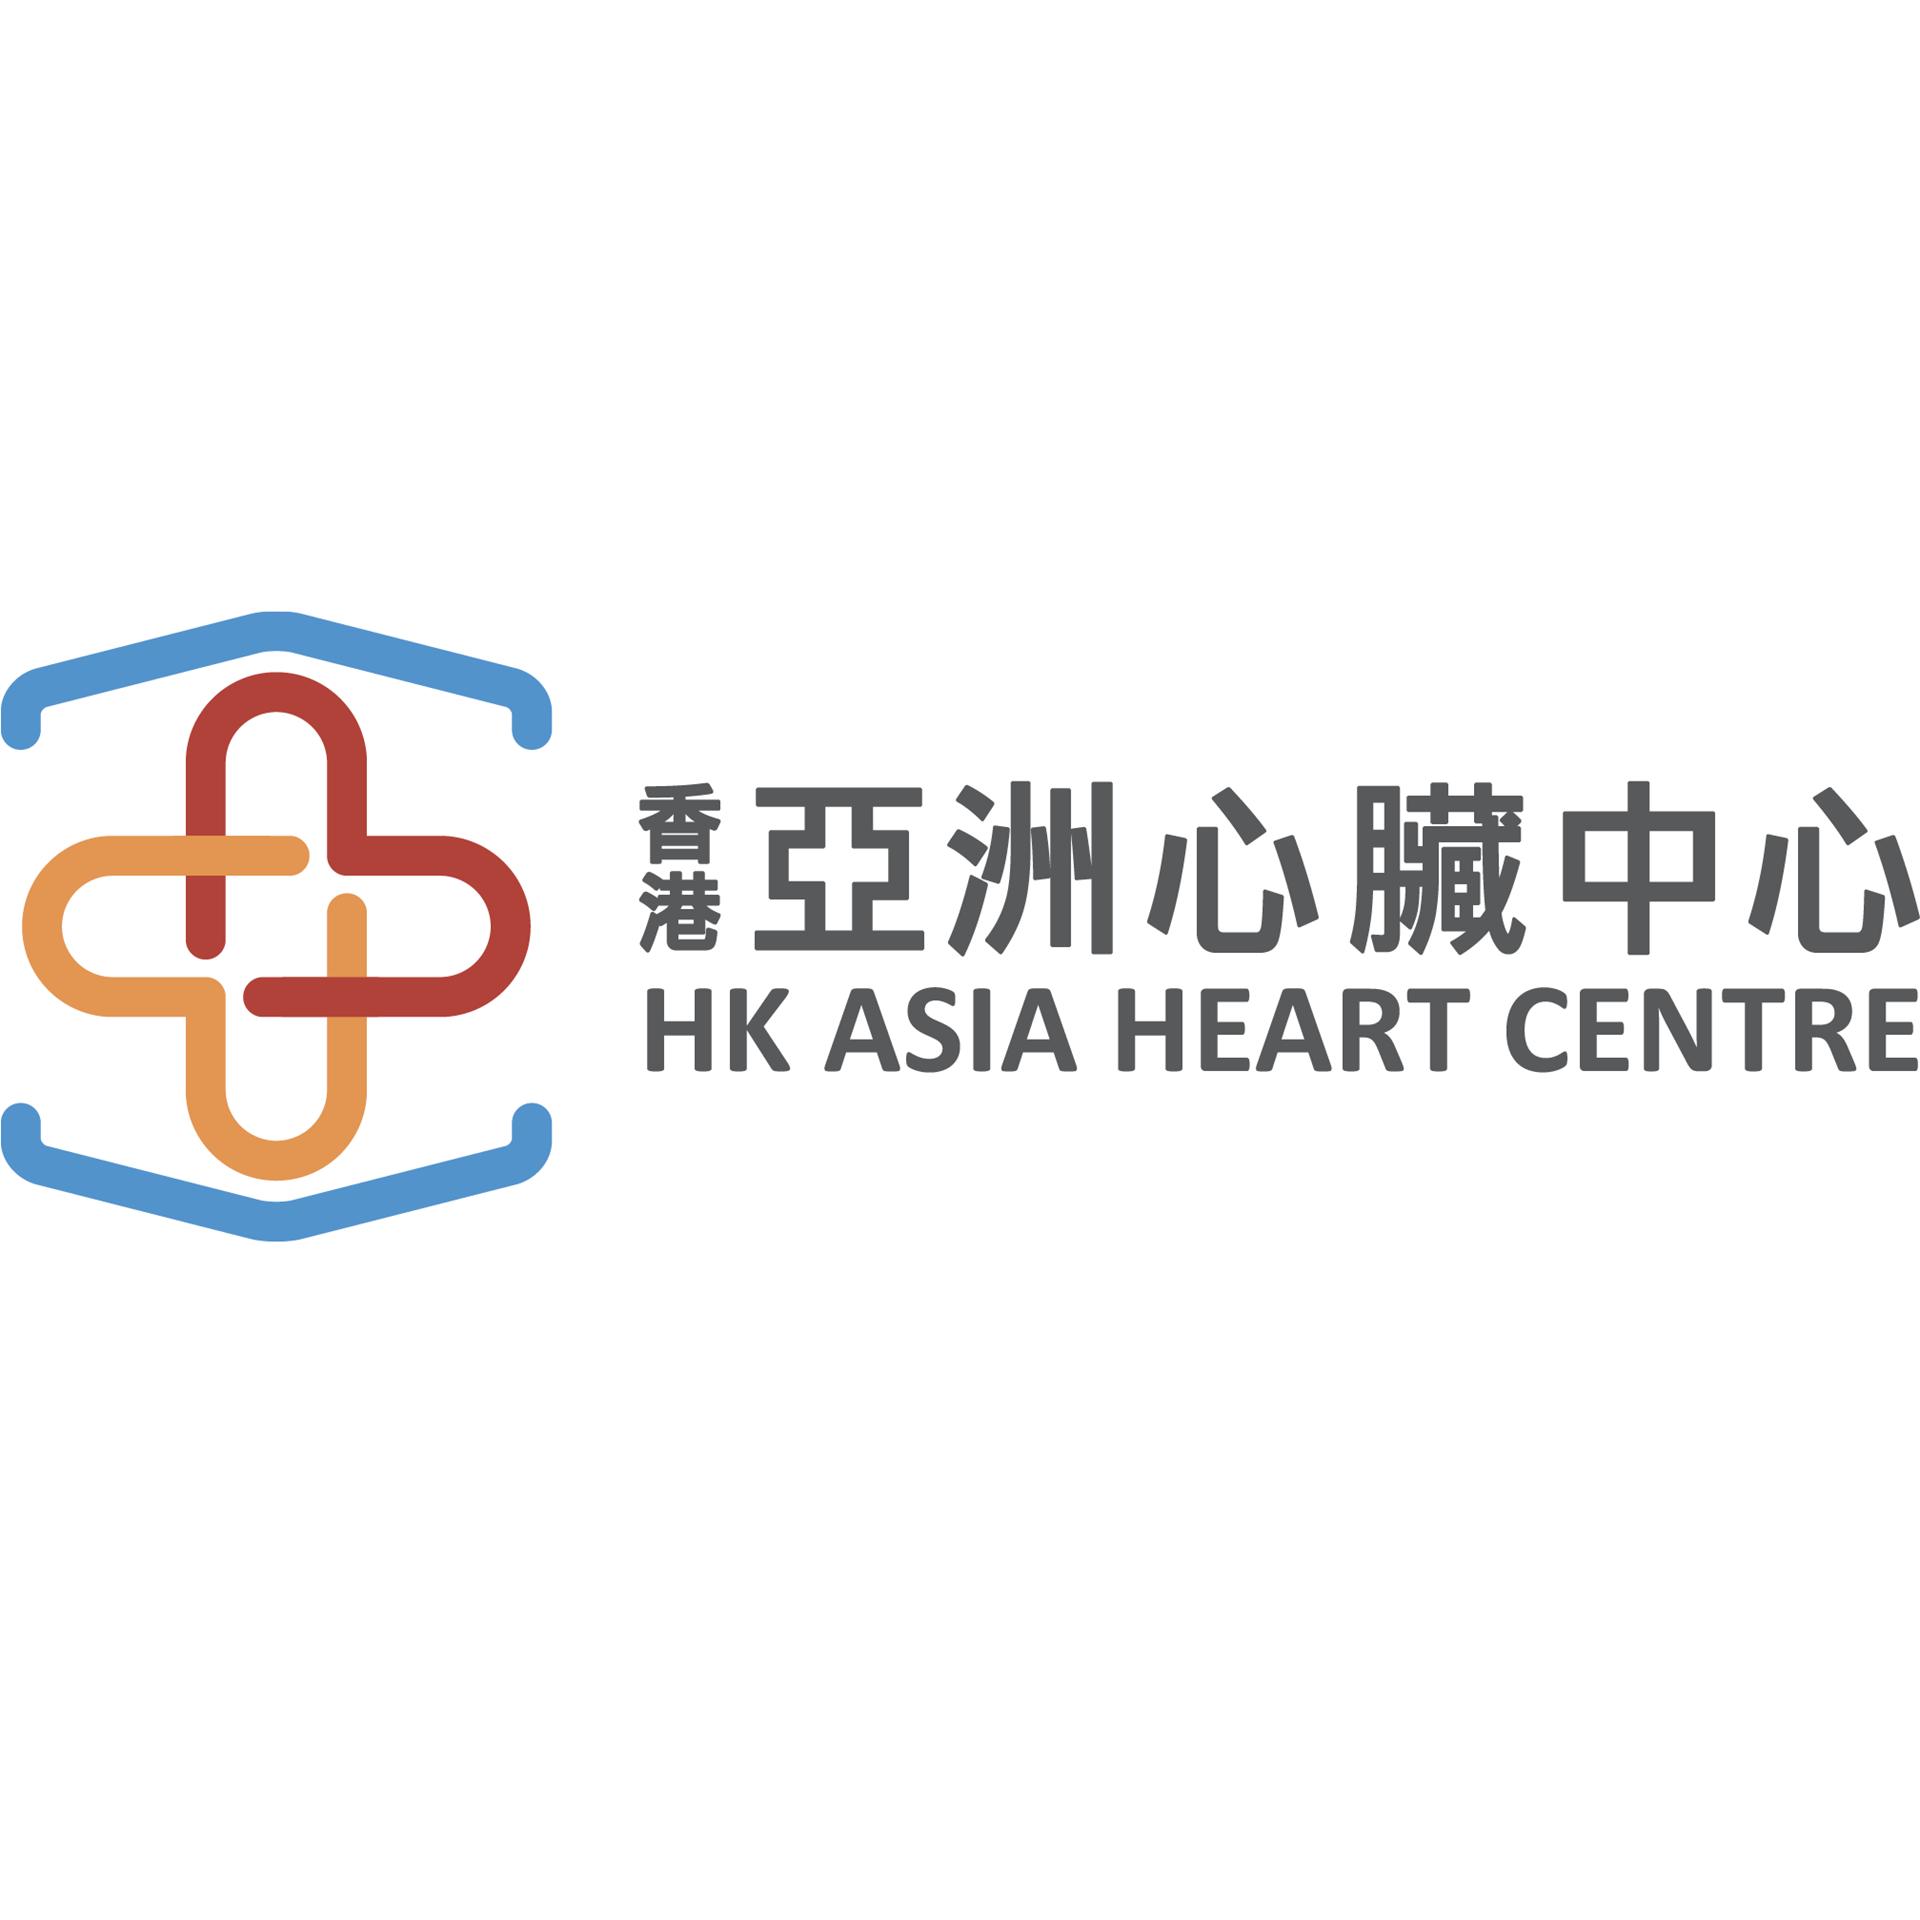 香港亞洲心臟中心